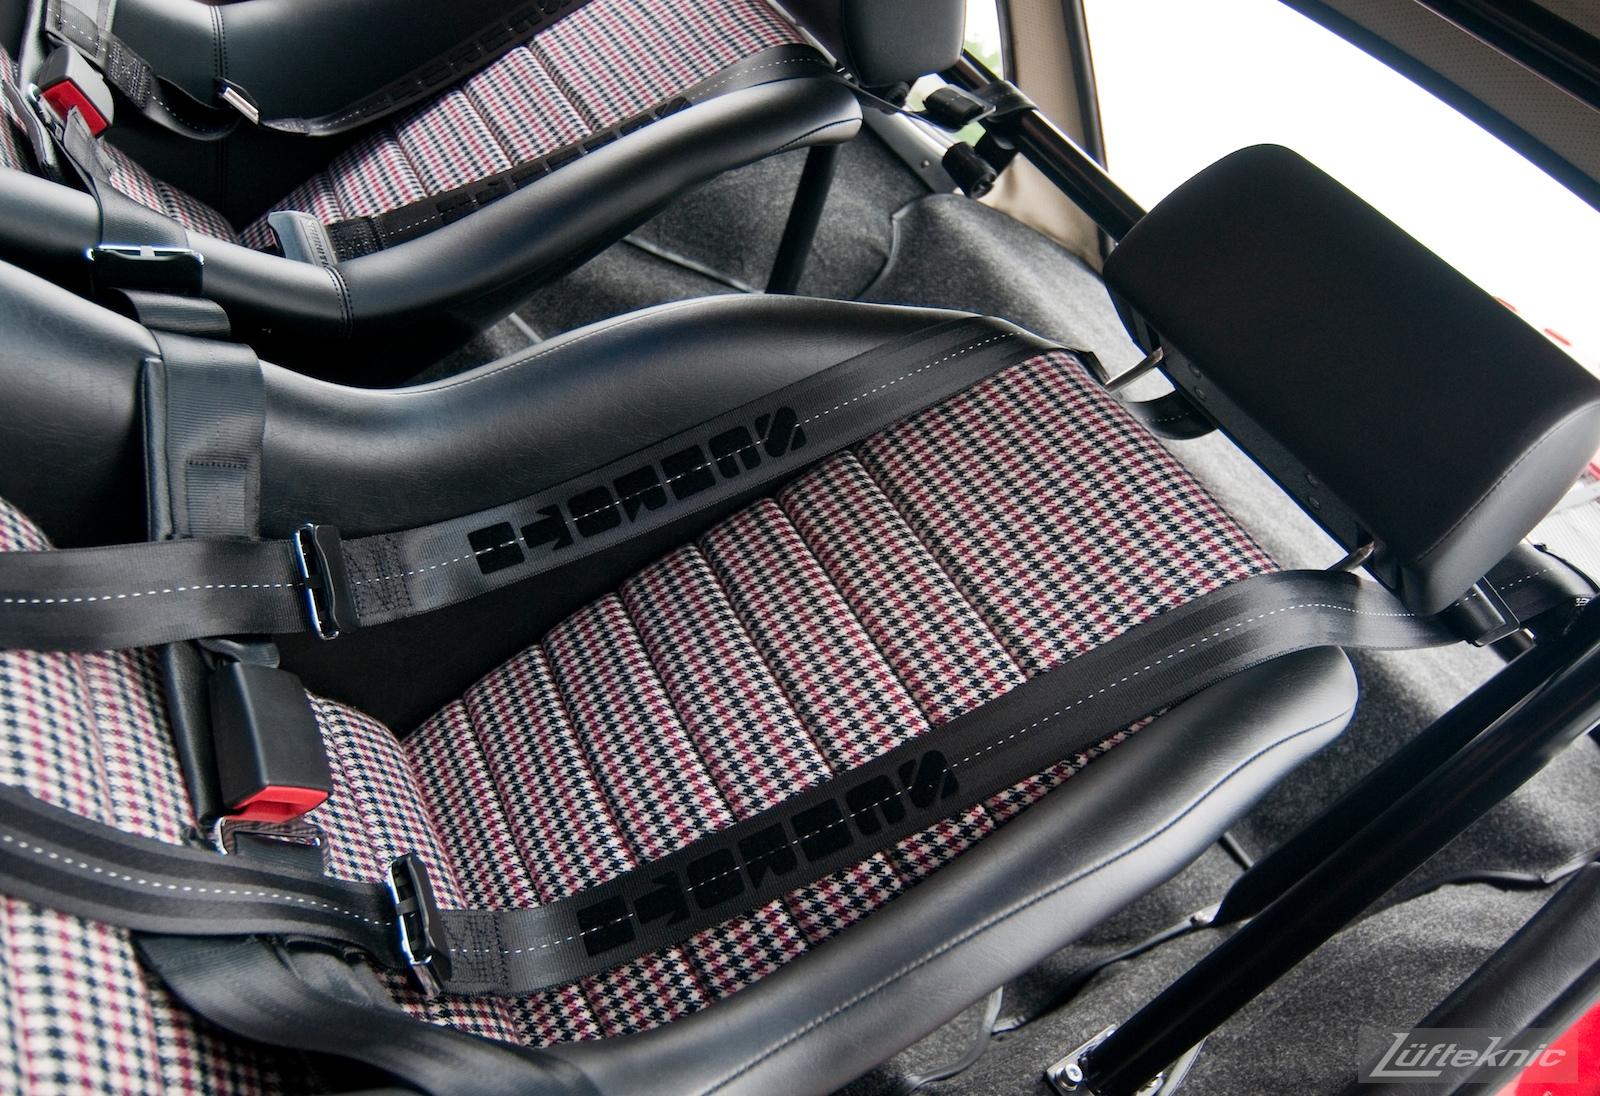 Porsche sport bucket seats with houndstooth pattern